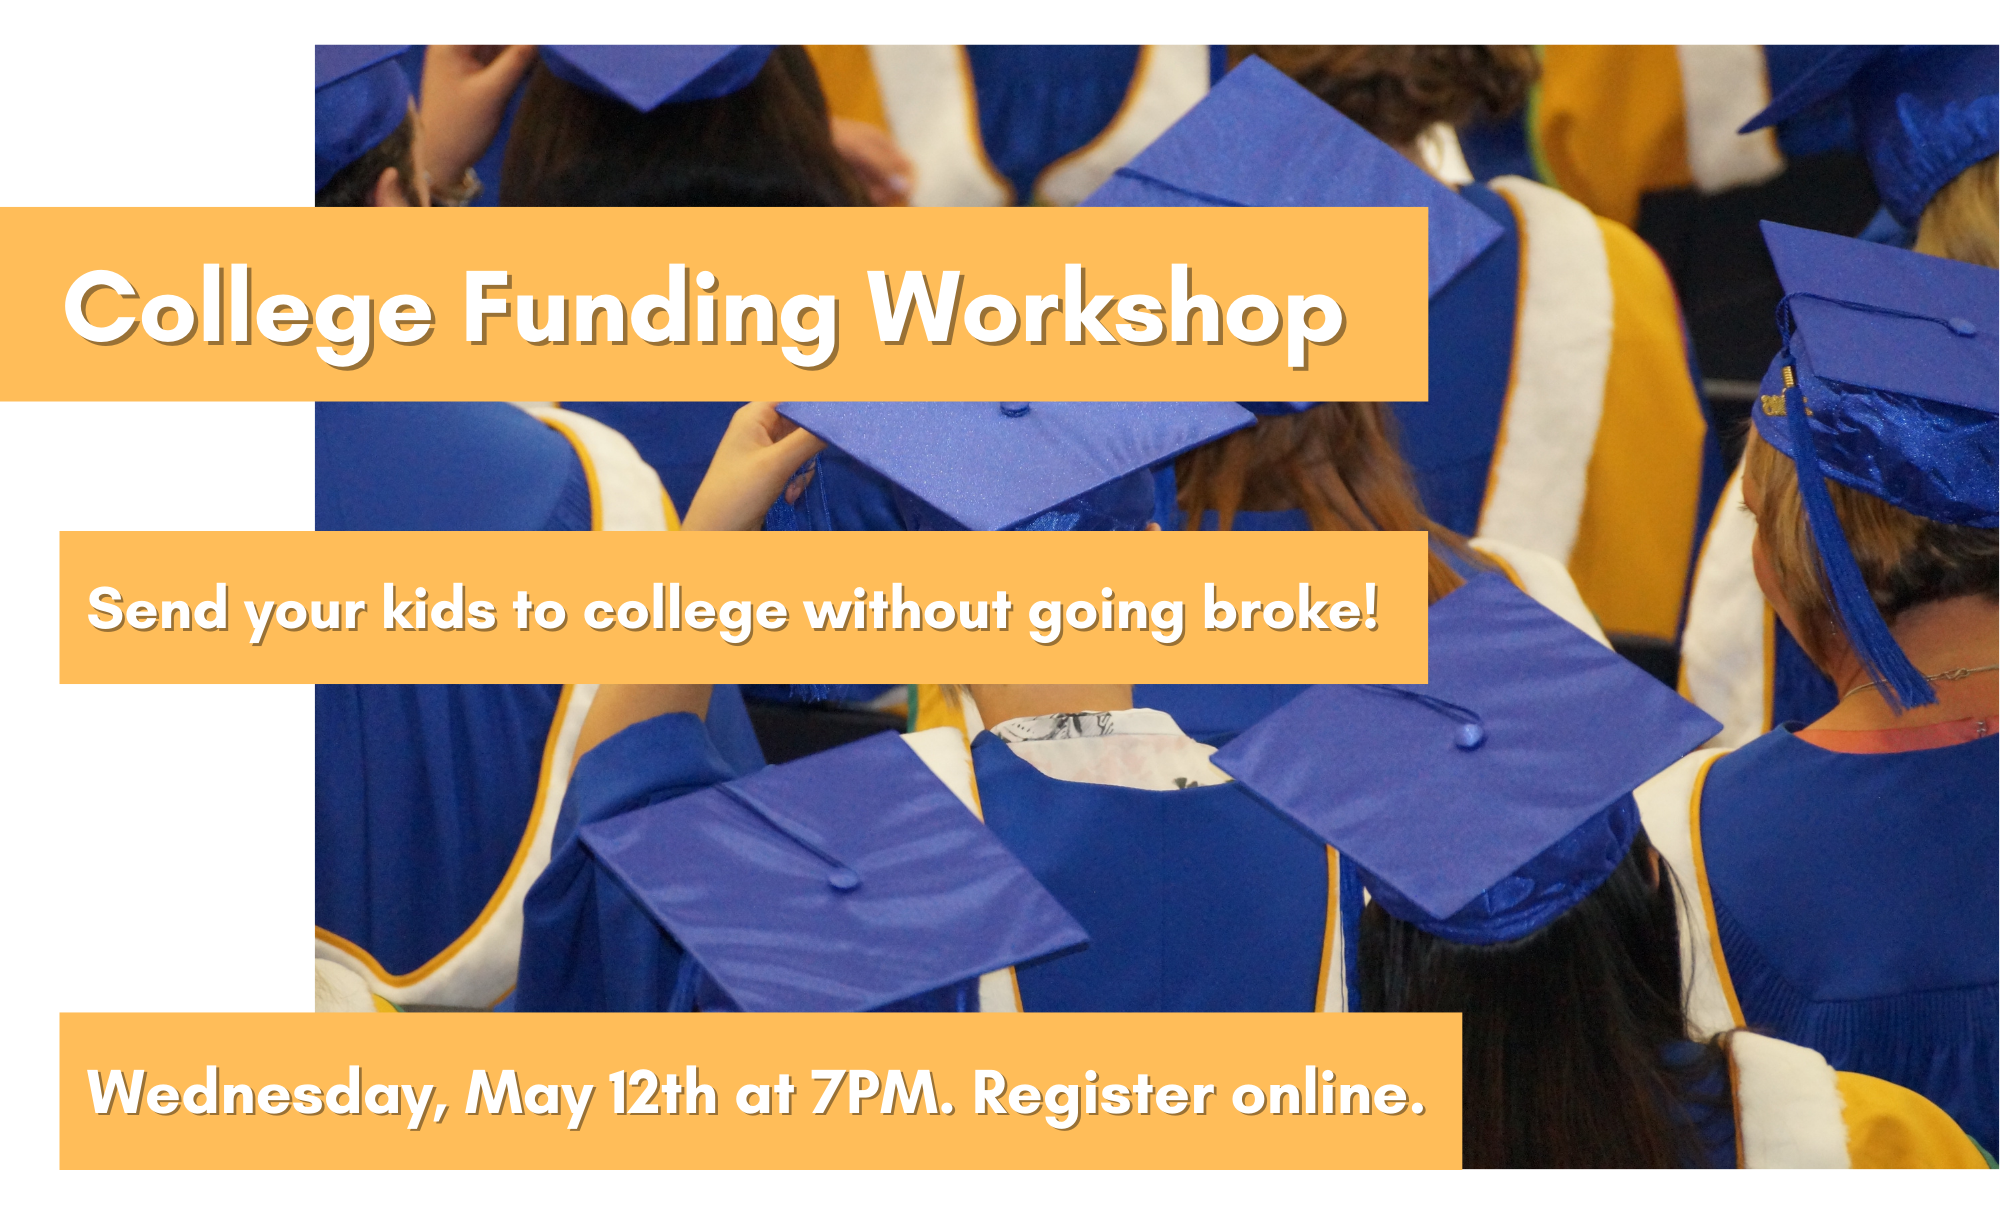 College Funding Workshop via Zoom